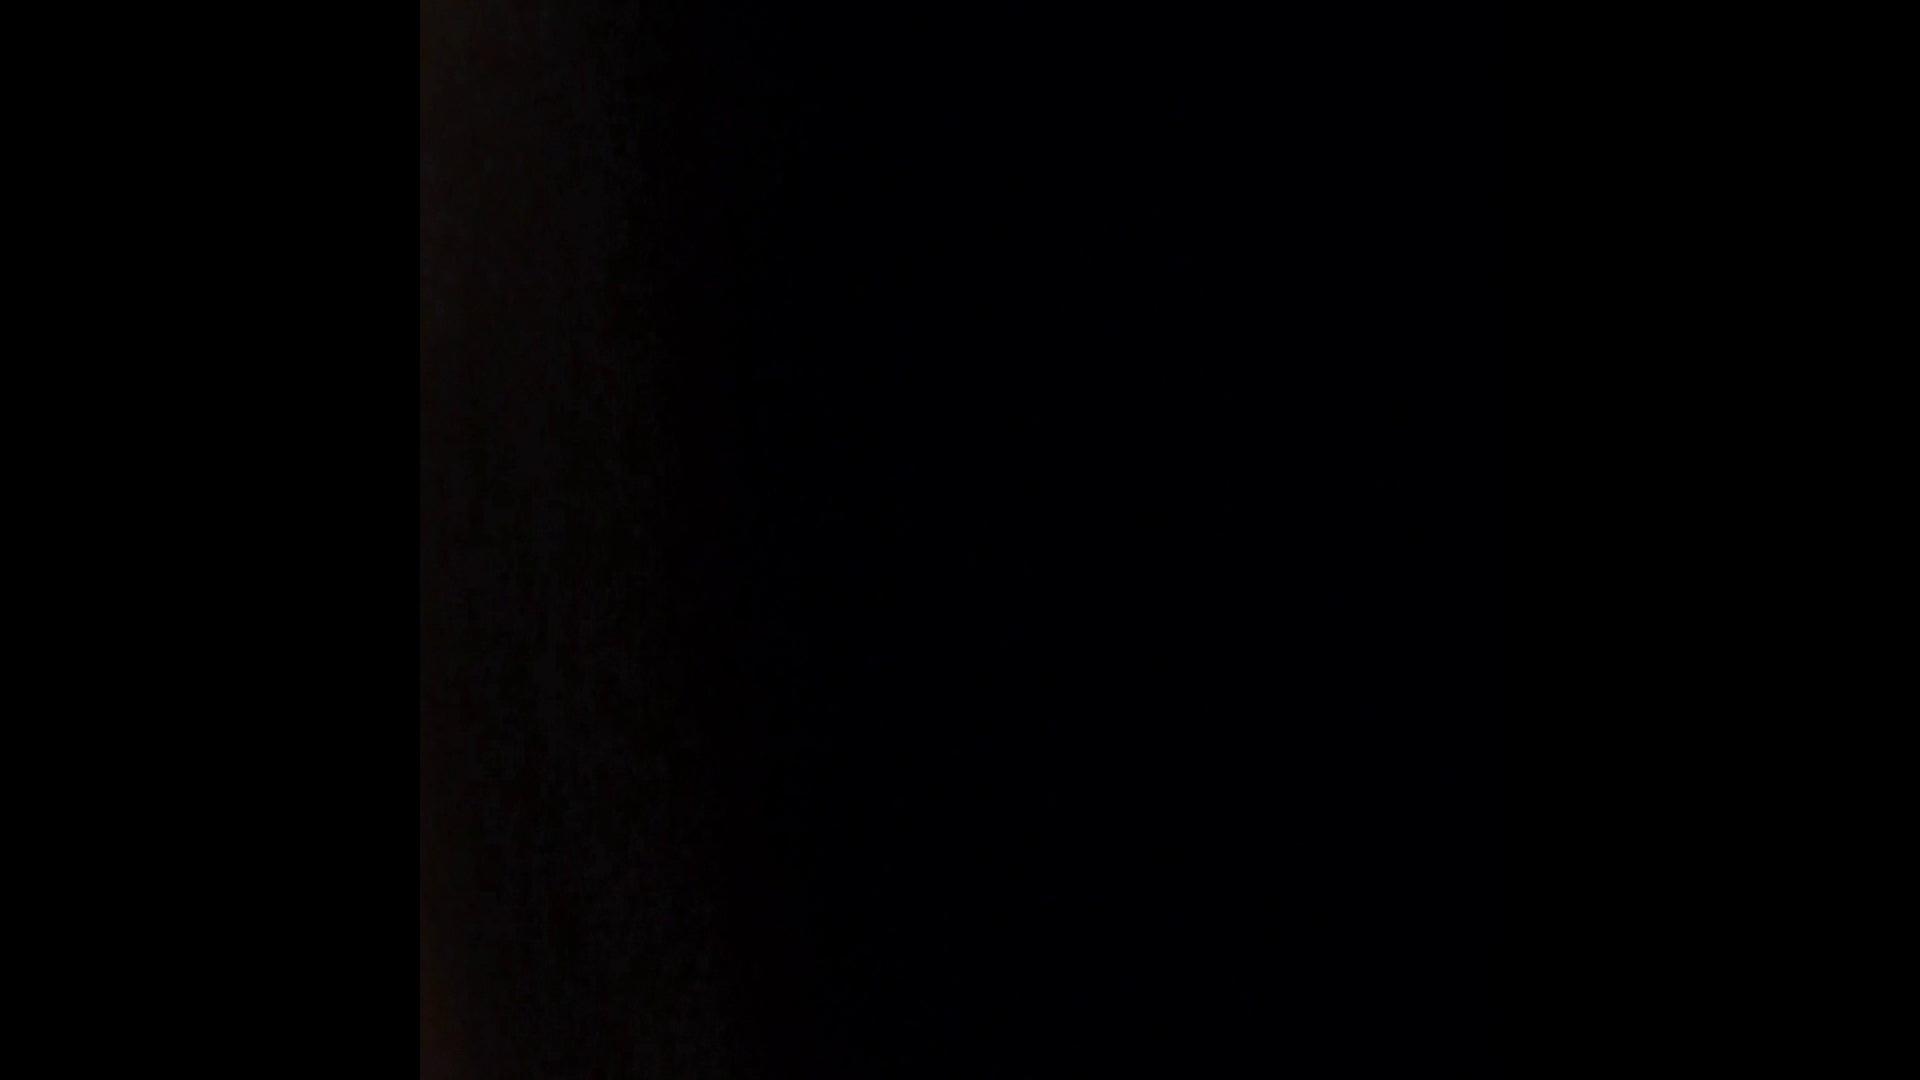 阿国ちゃんの和式洋式七変化 Vol.27 シリーズ最高作誕生 エッチなお姉さん セックス無修正動画無料 48画像 45